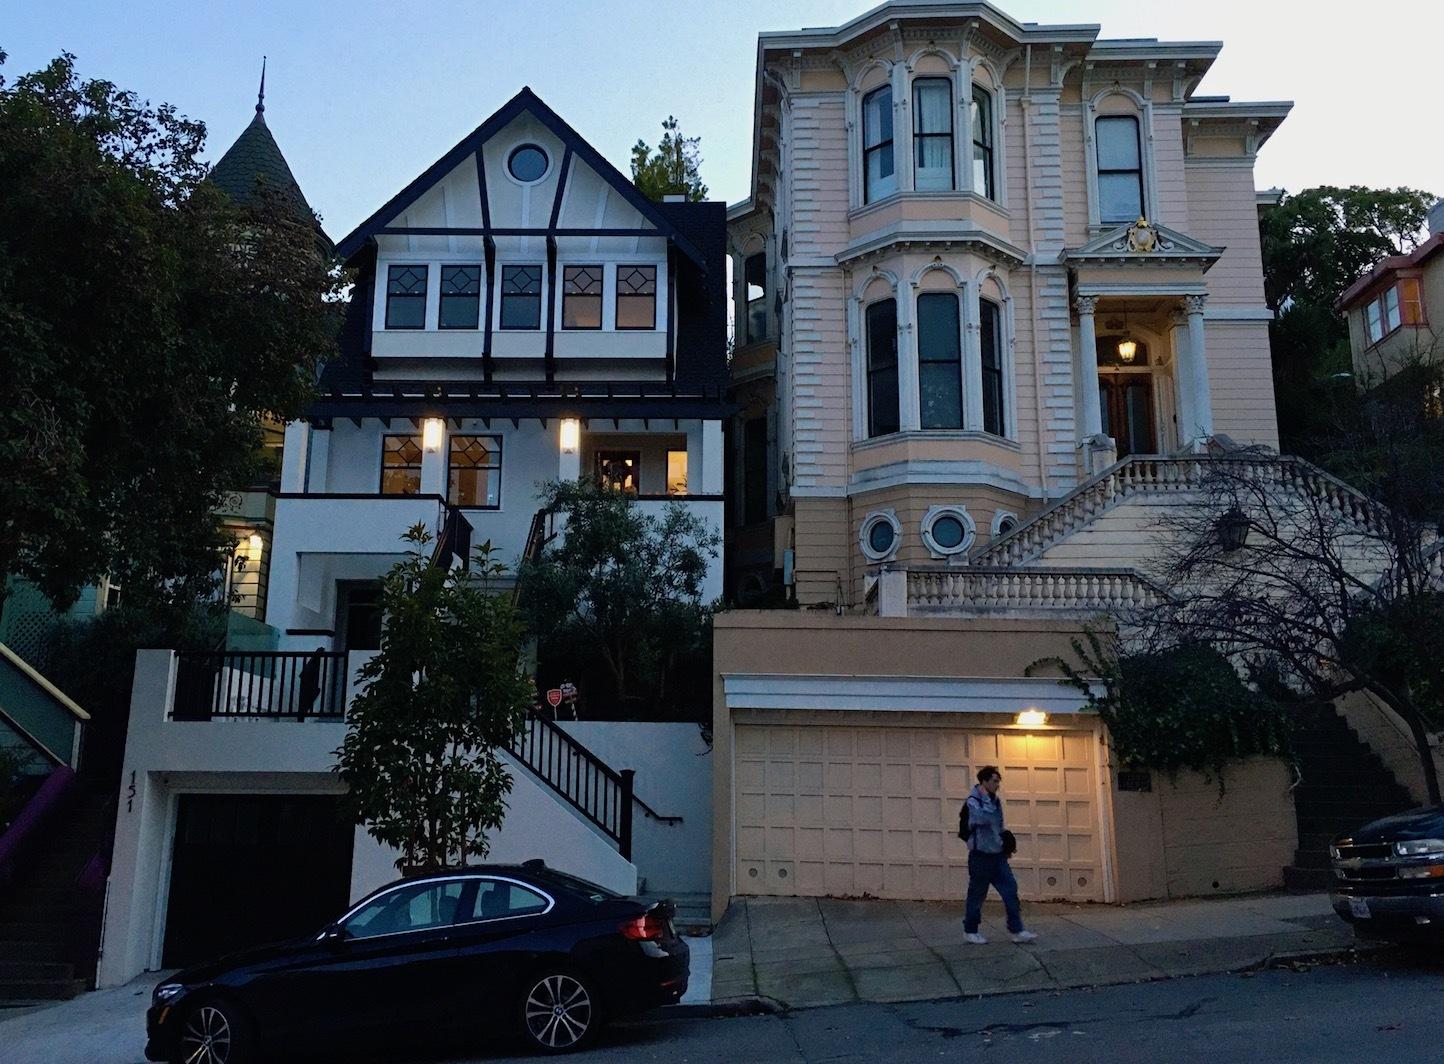 夕暮れ時の散歩道/ My Evening Walk In San Francisco_e0310424_15404608.jpg